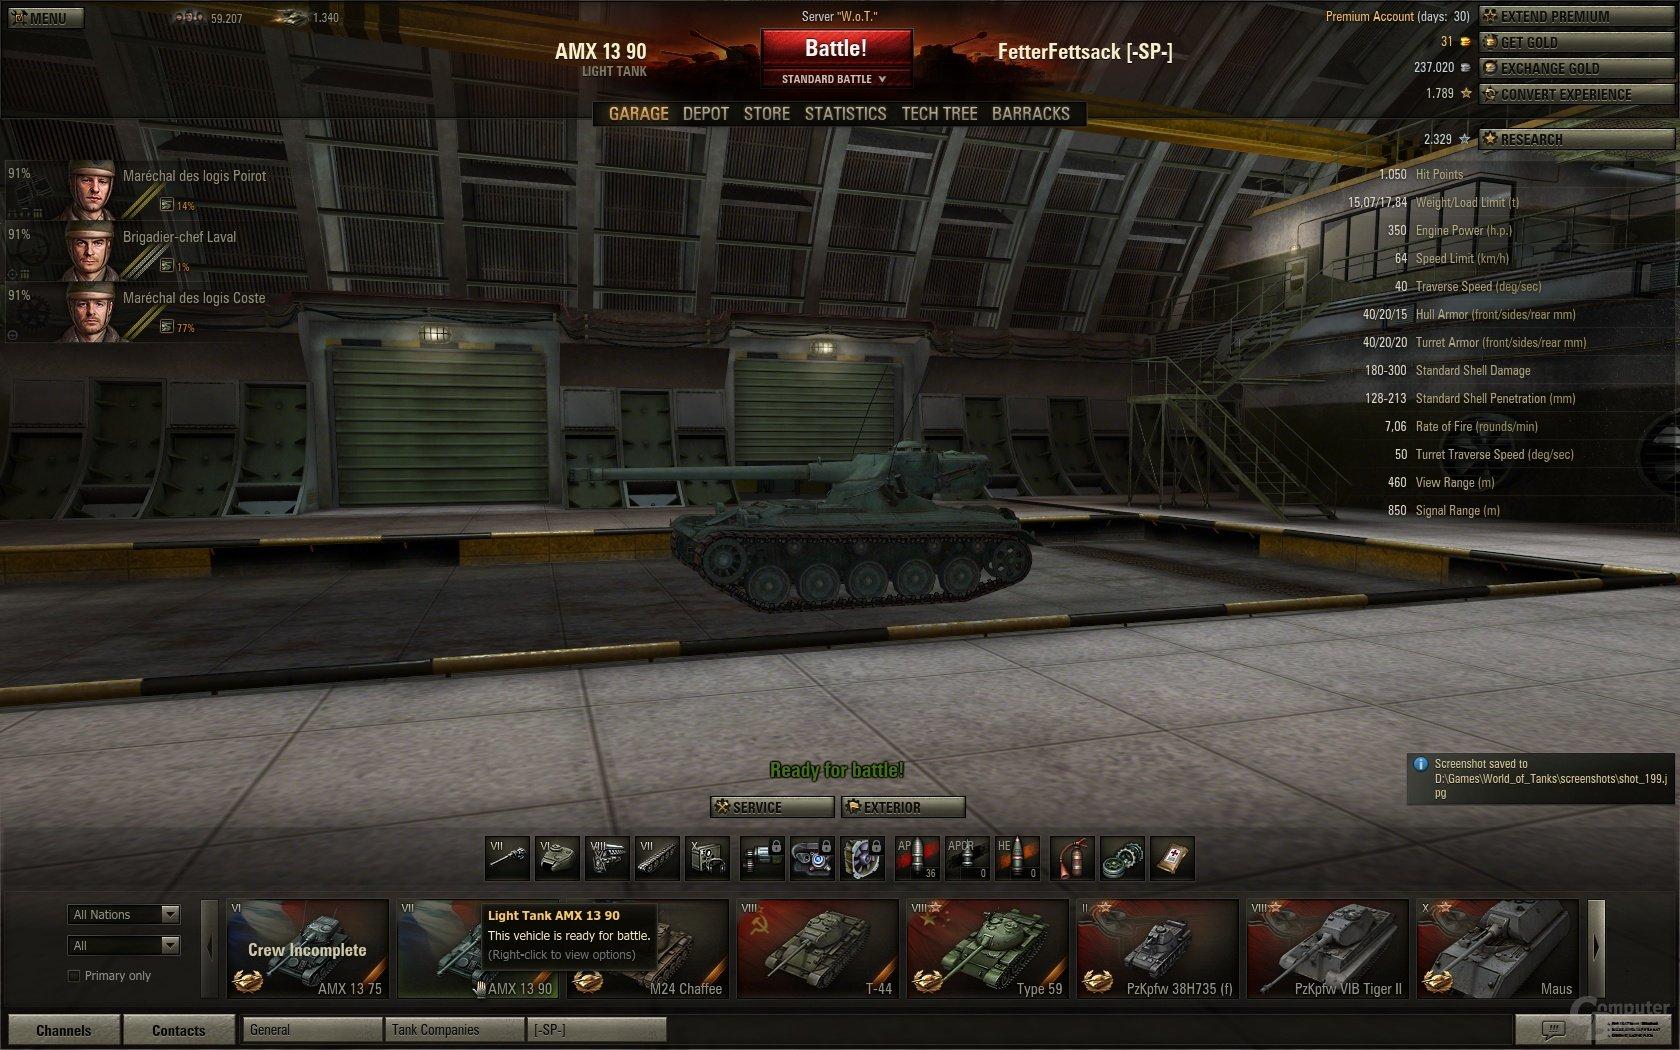 AMX 13 90